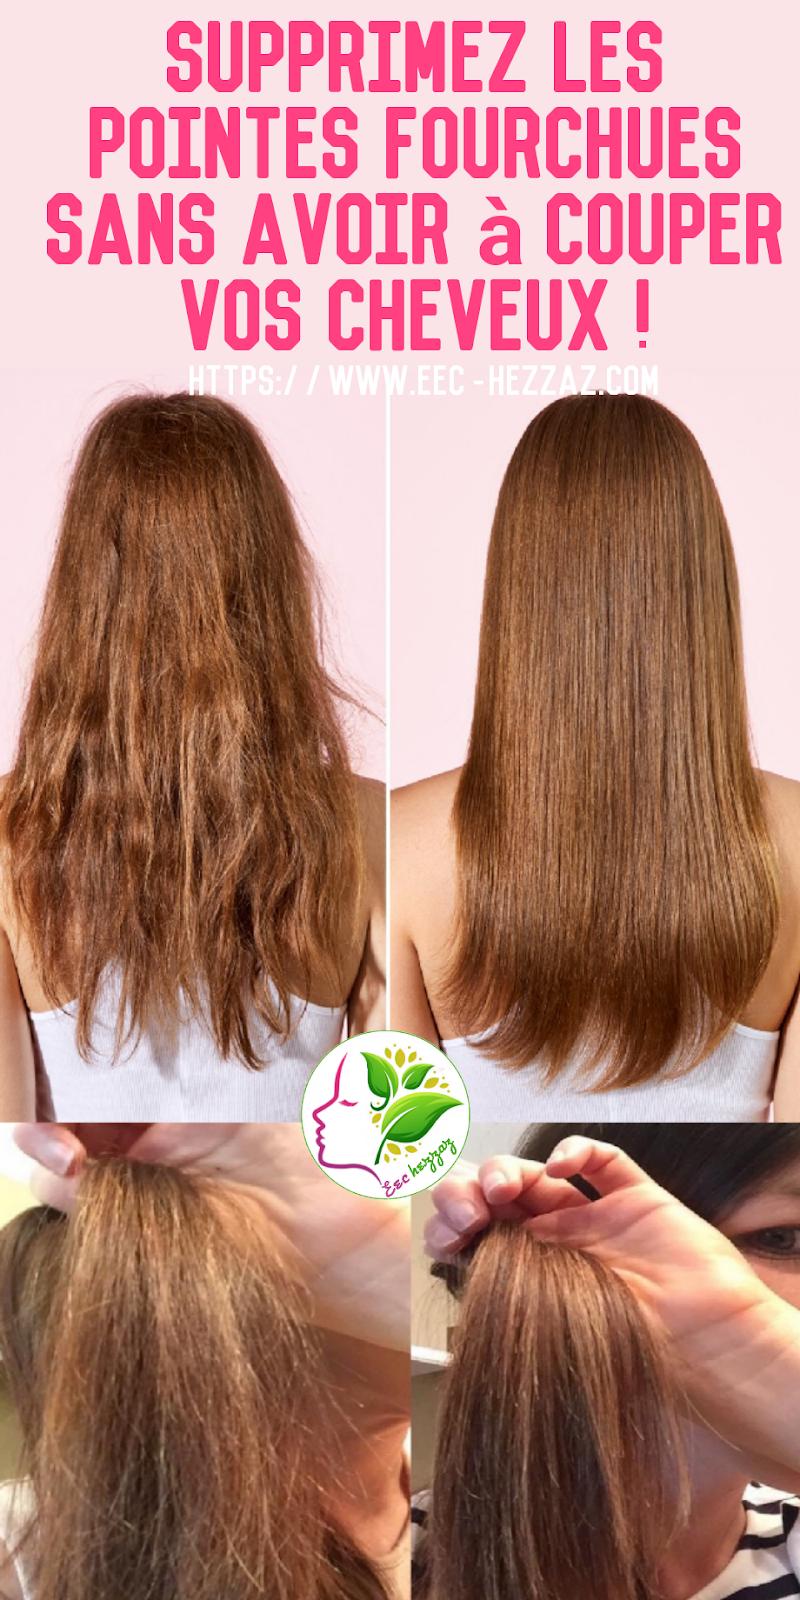 Supprimez les pointes fourchues sans avoir à couper vos cheveux !